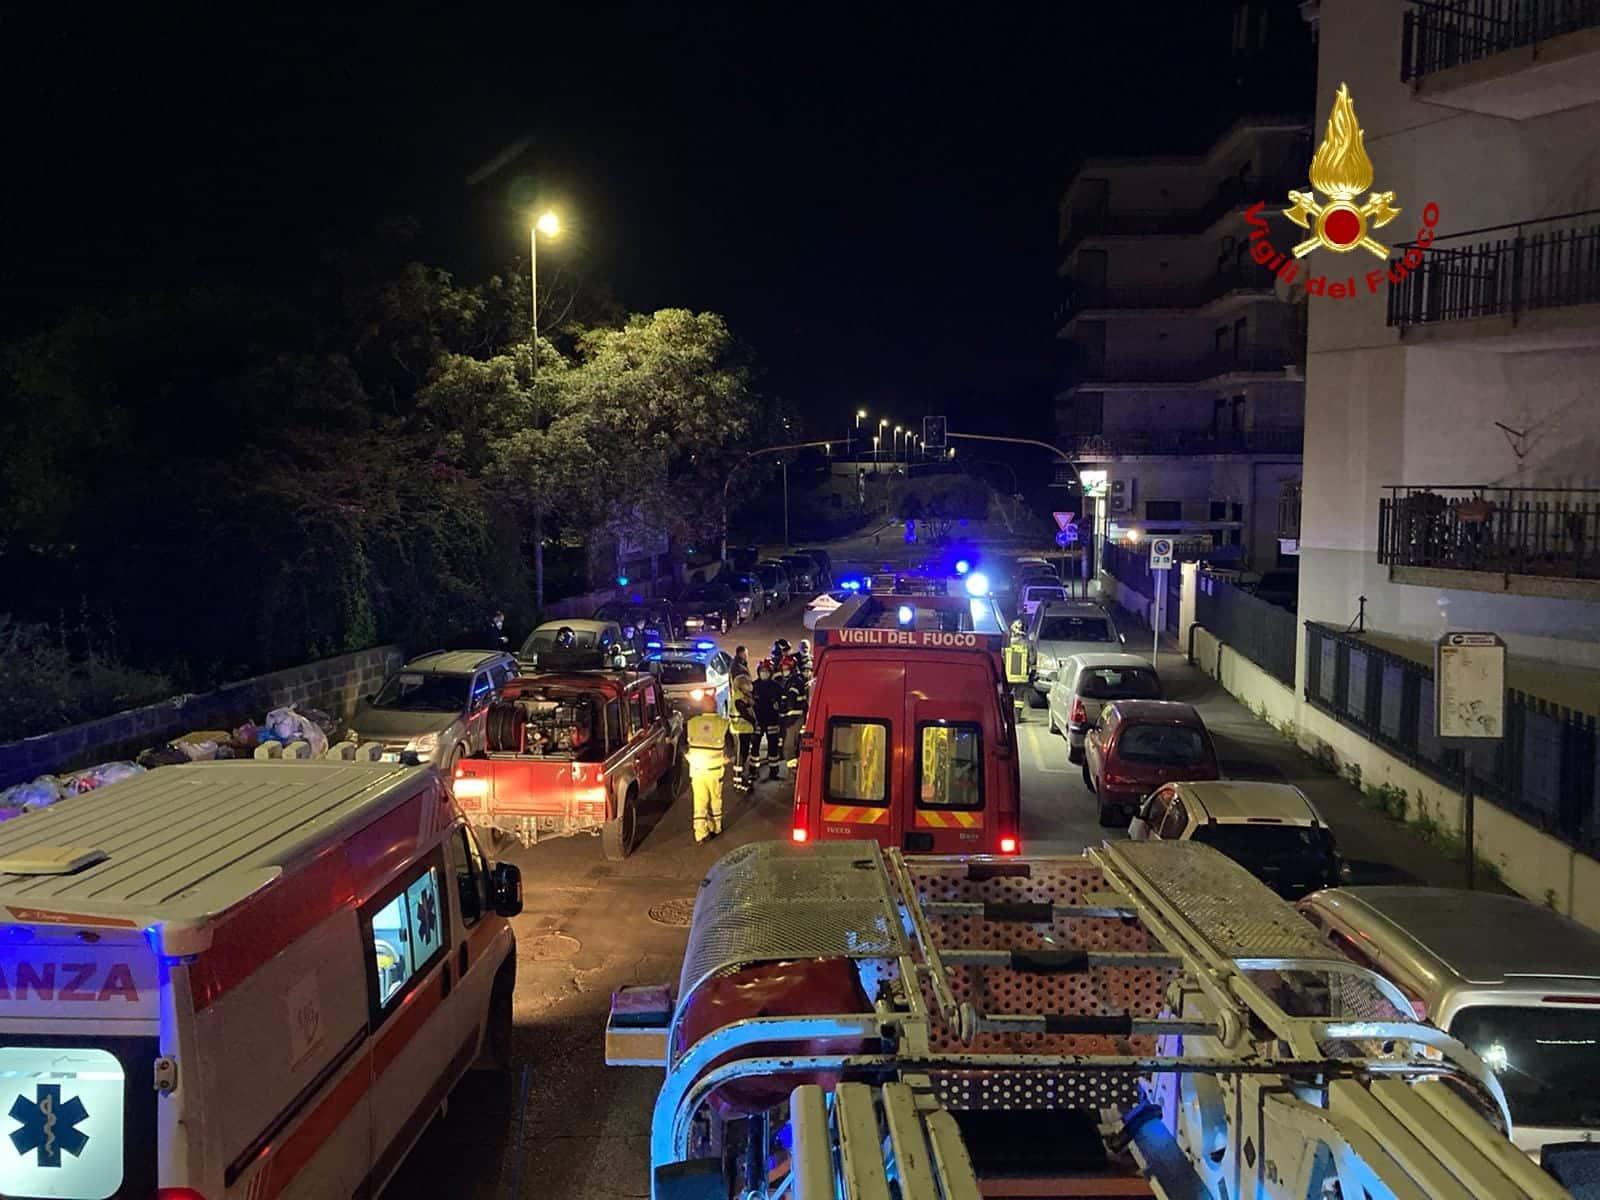 Notte di panico a Catania, ordigno esploso all'ingresso di un'attività: edificio evacuato – DETTAGLI e FOTO